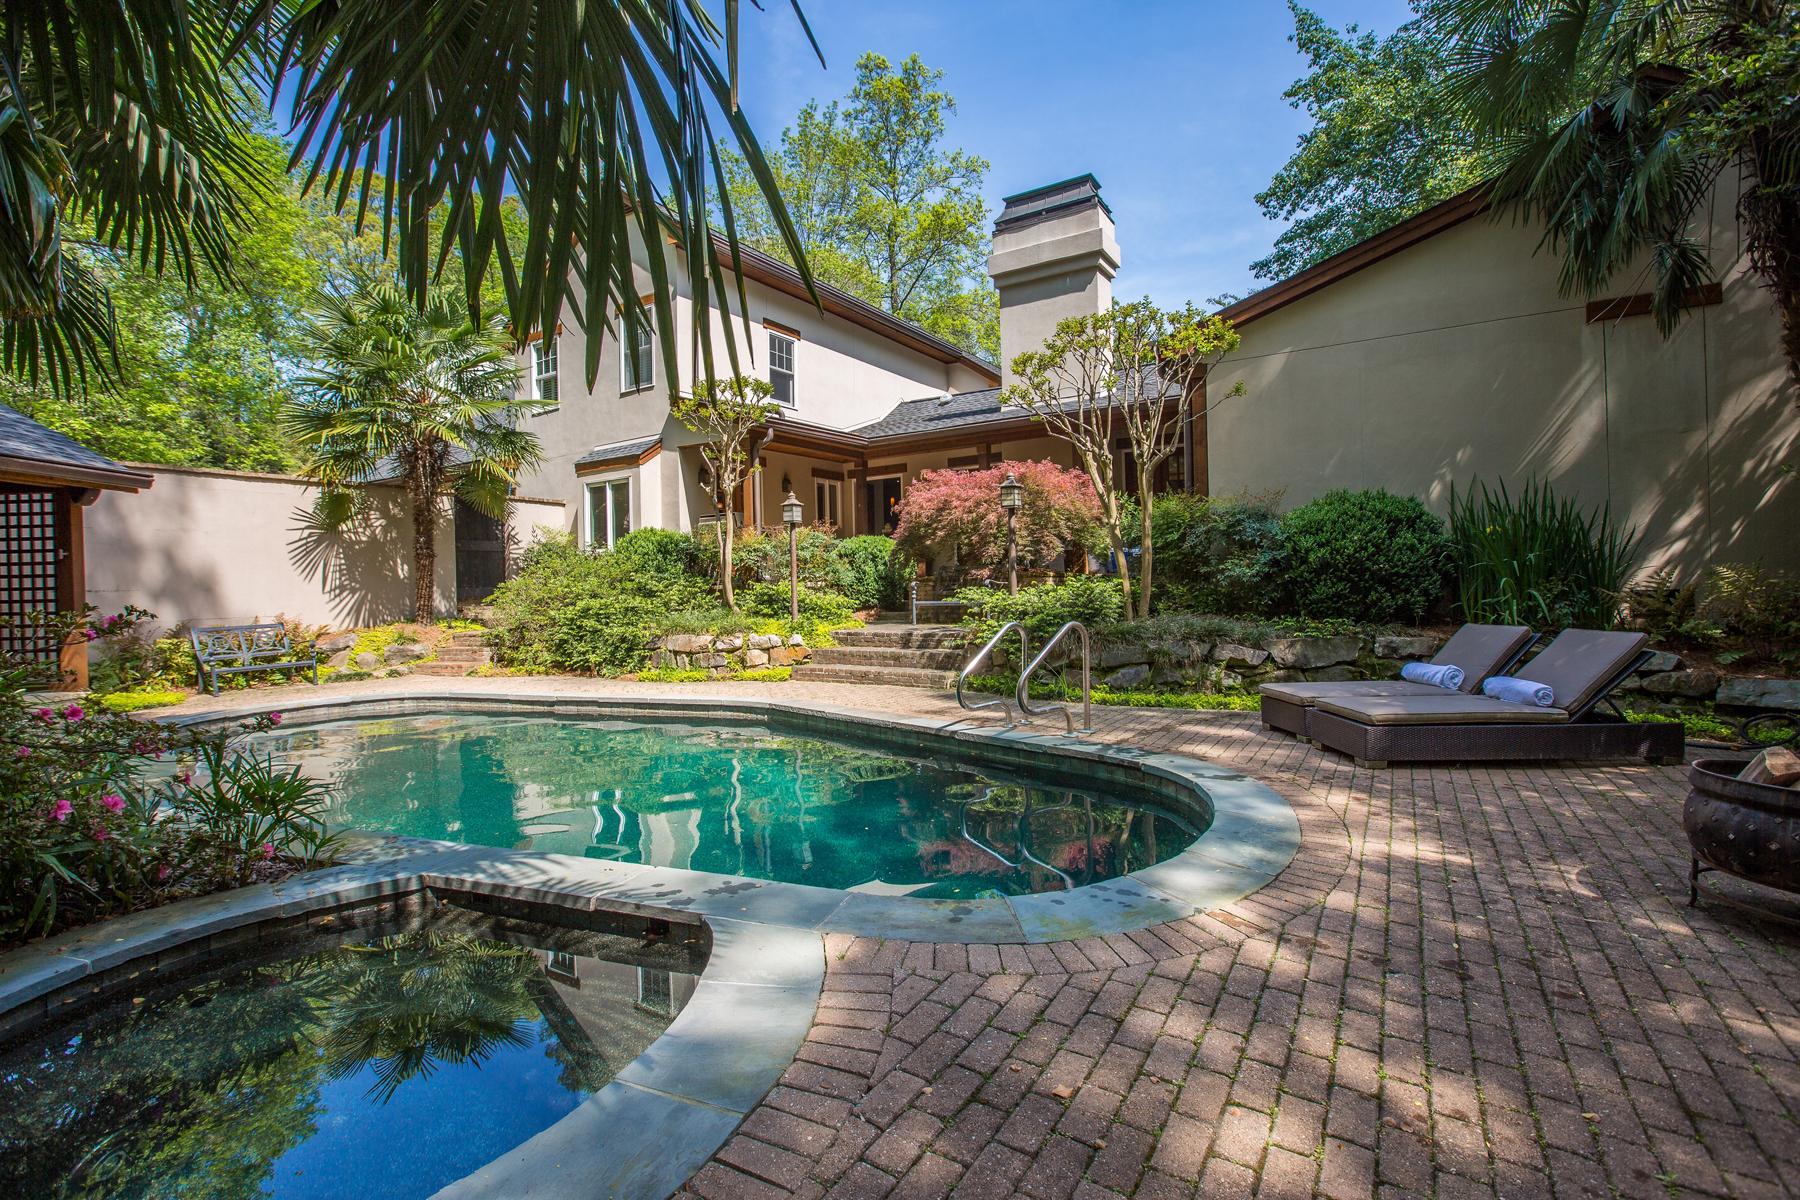 一戸建て のために 売買 アット Gorgeous Island-Inspired Home 4 Arden Moor NW Buckhead, Atlanta, ジョージア, 30305 アメリカ合衆国